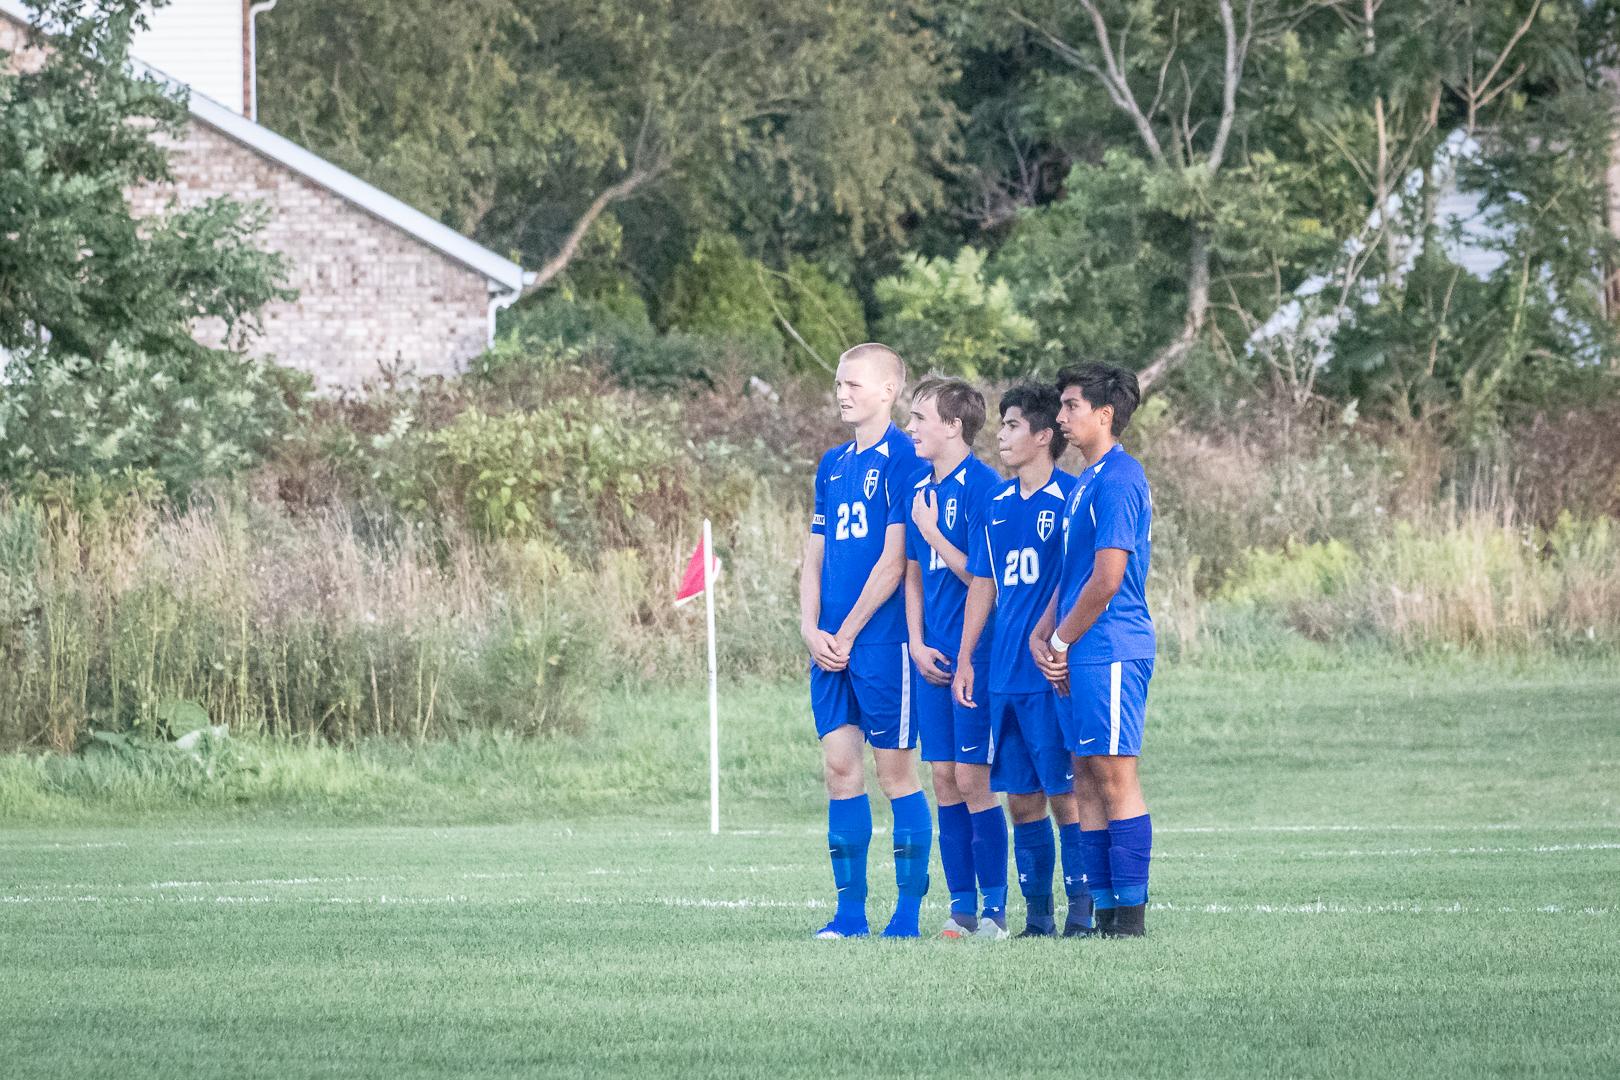 Marian-Varsity-Boys-Soccer-9454.jpg